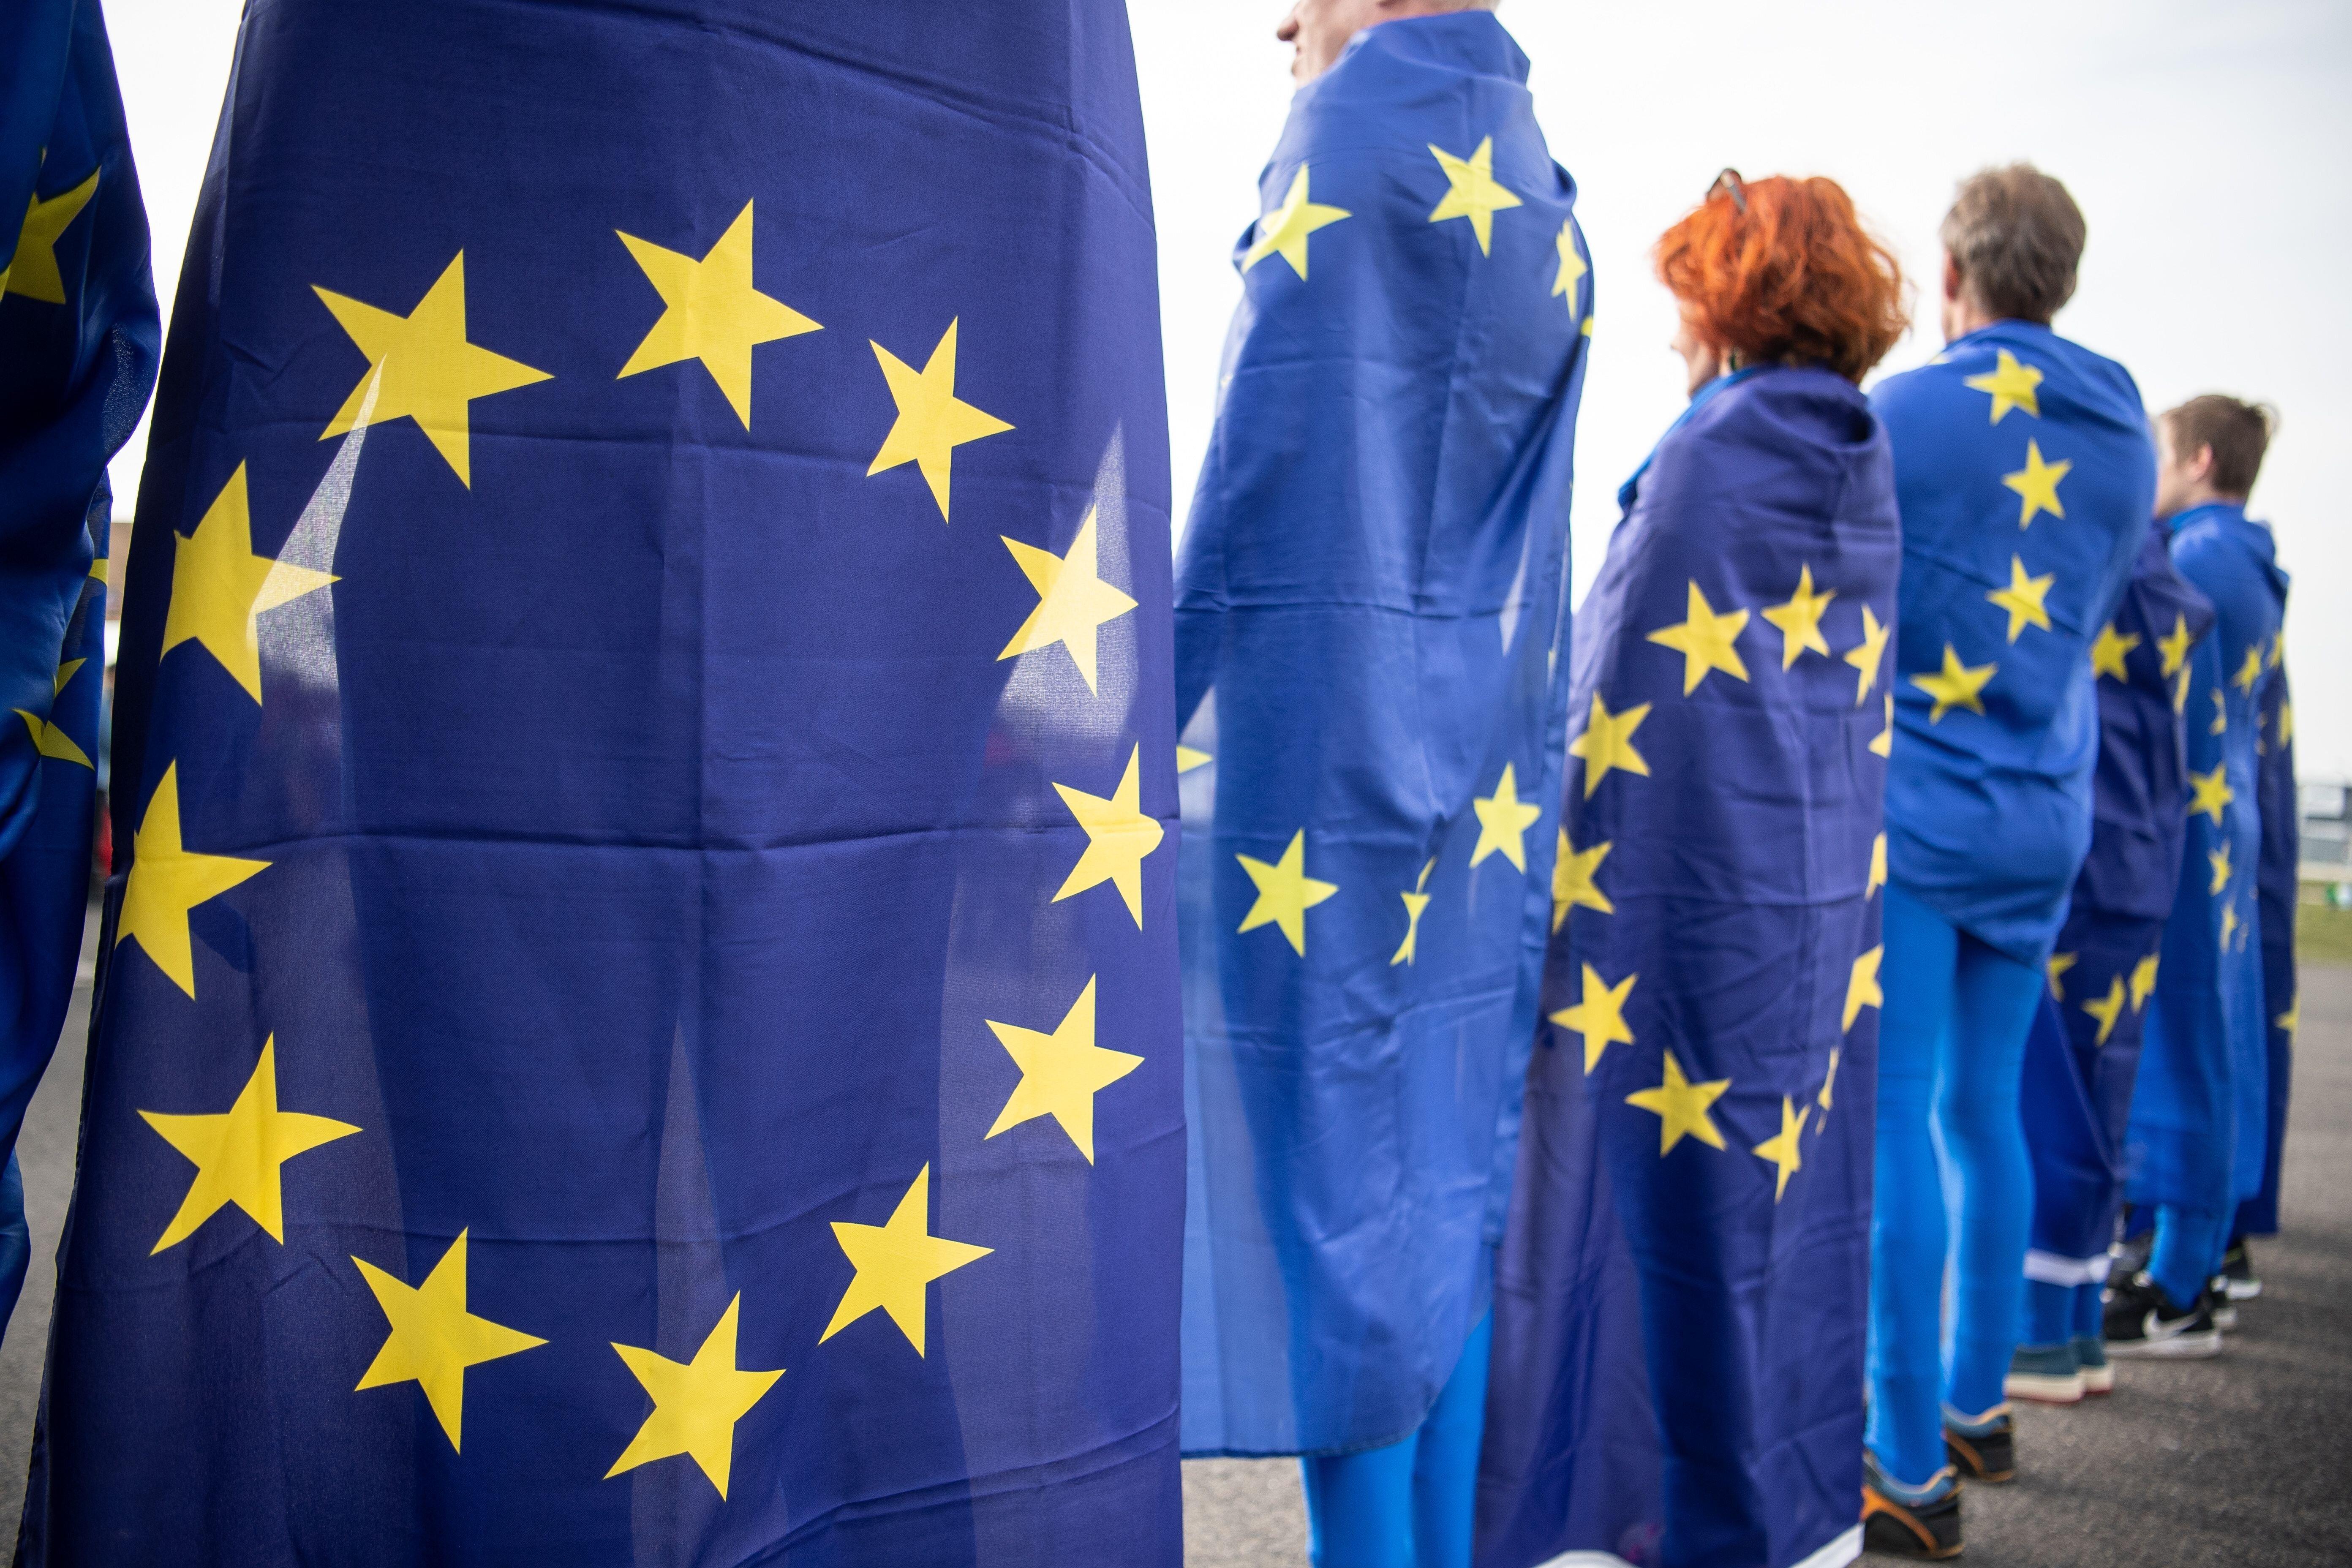 Λαϊκισμός στην Ευρώπη - Το παράδειγμα του